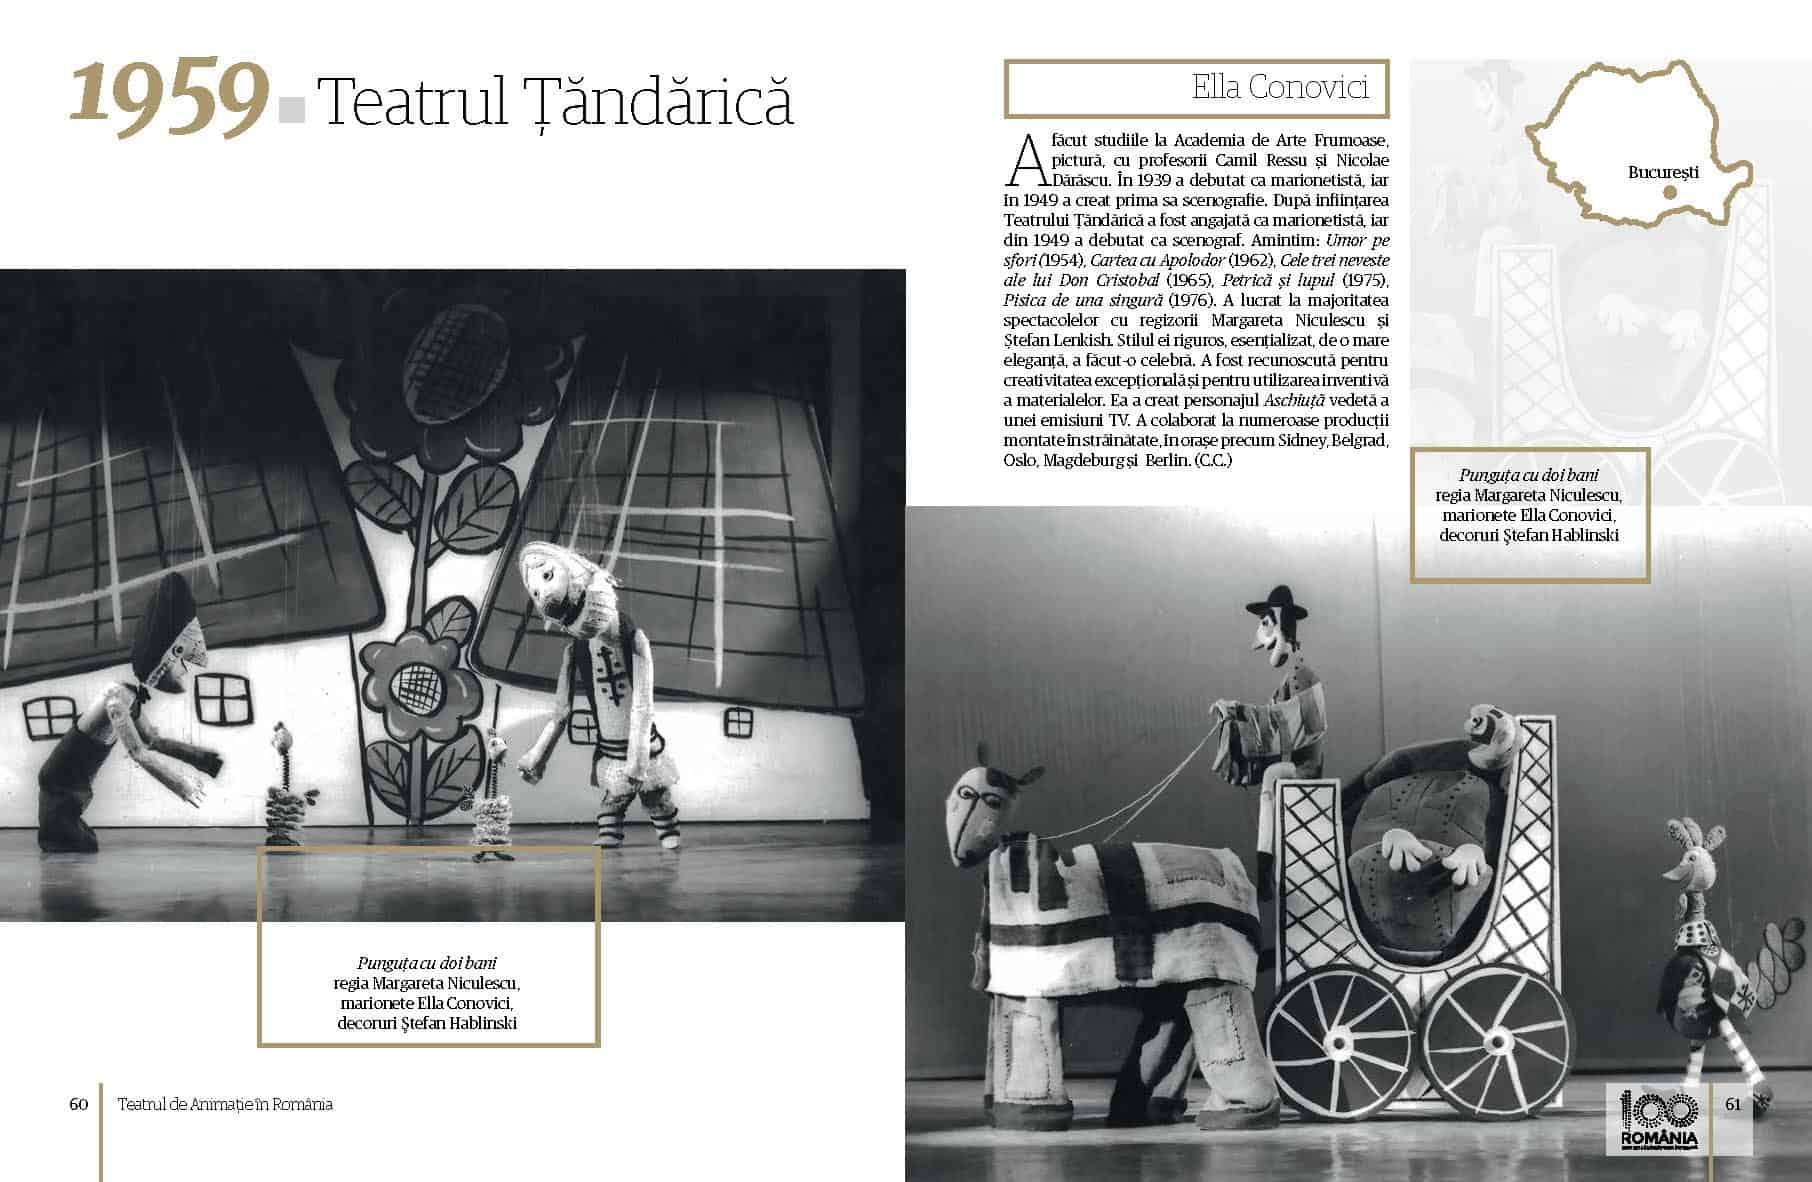 Album Teatrul de Animatie in Romania final preview fata in fata Page 31